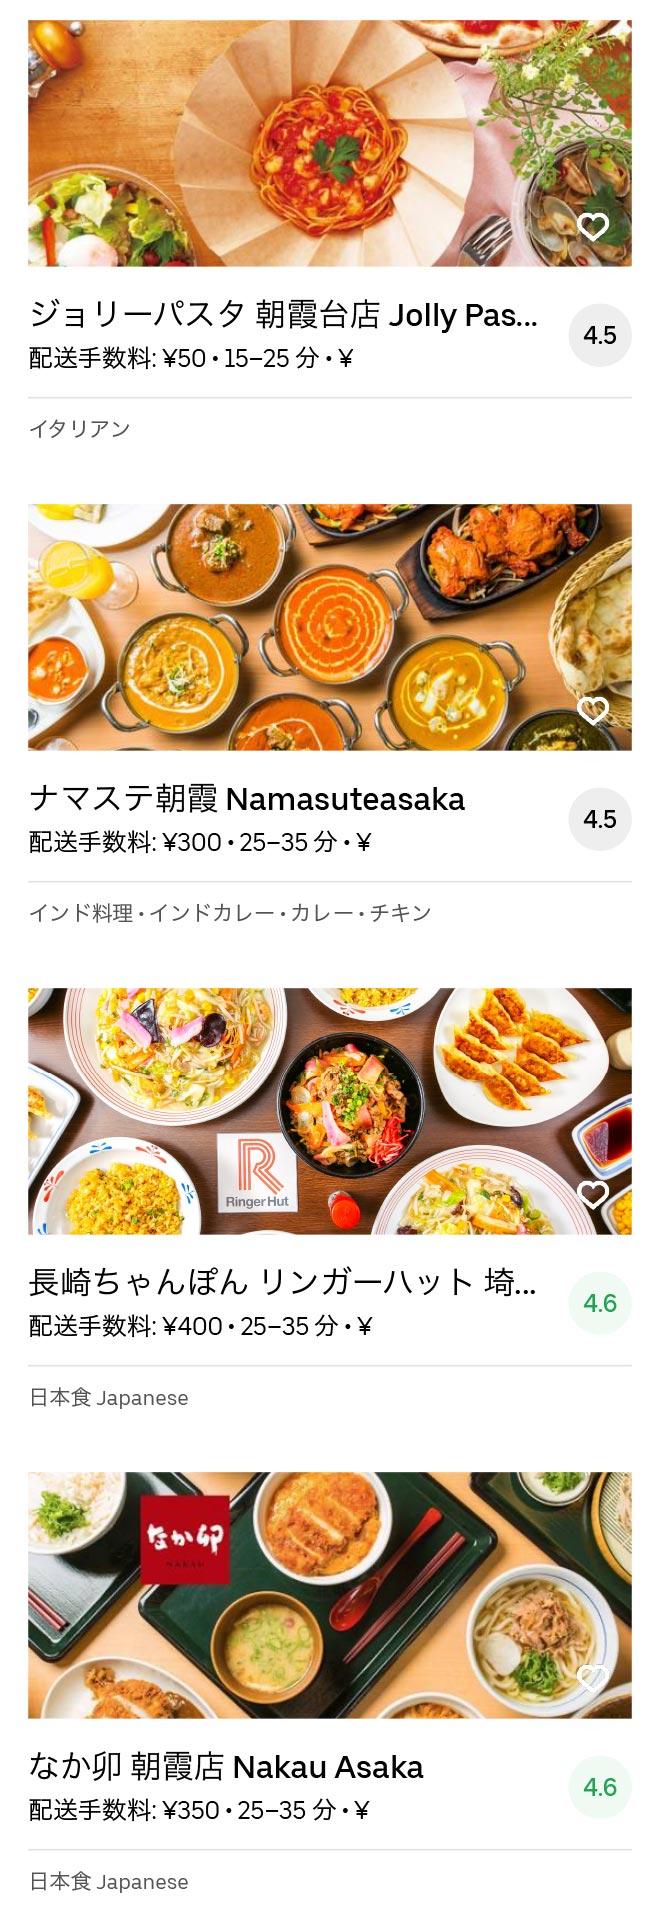 Saitama asaka menu 2004 06